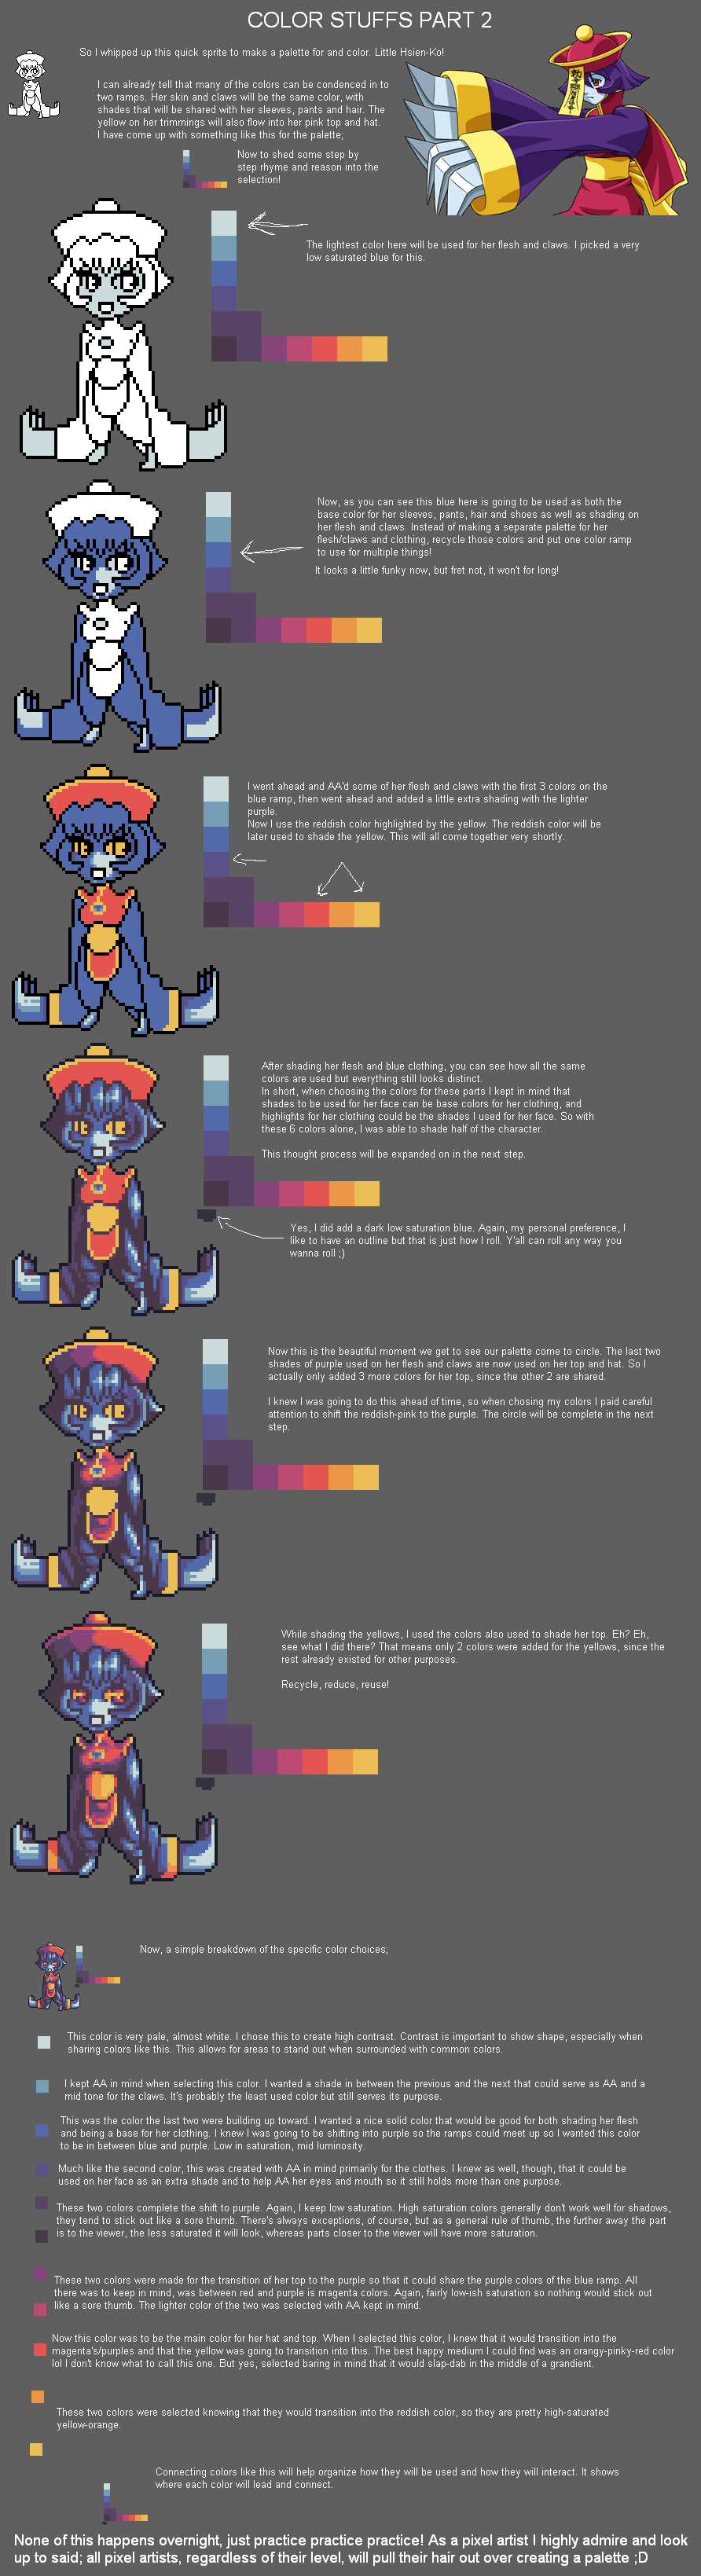 Color Stuffs Part 2 by RHLPixels